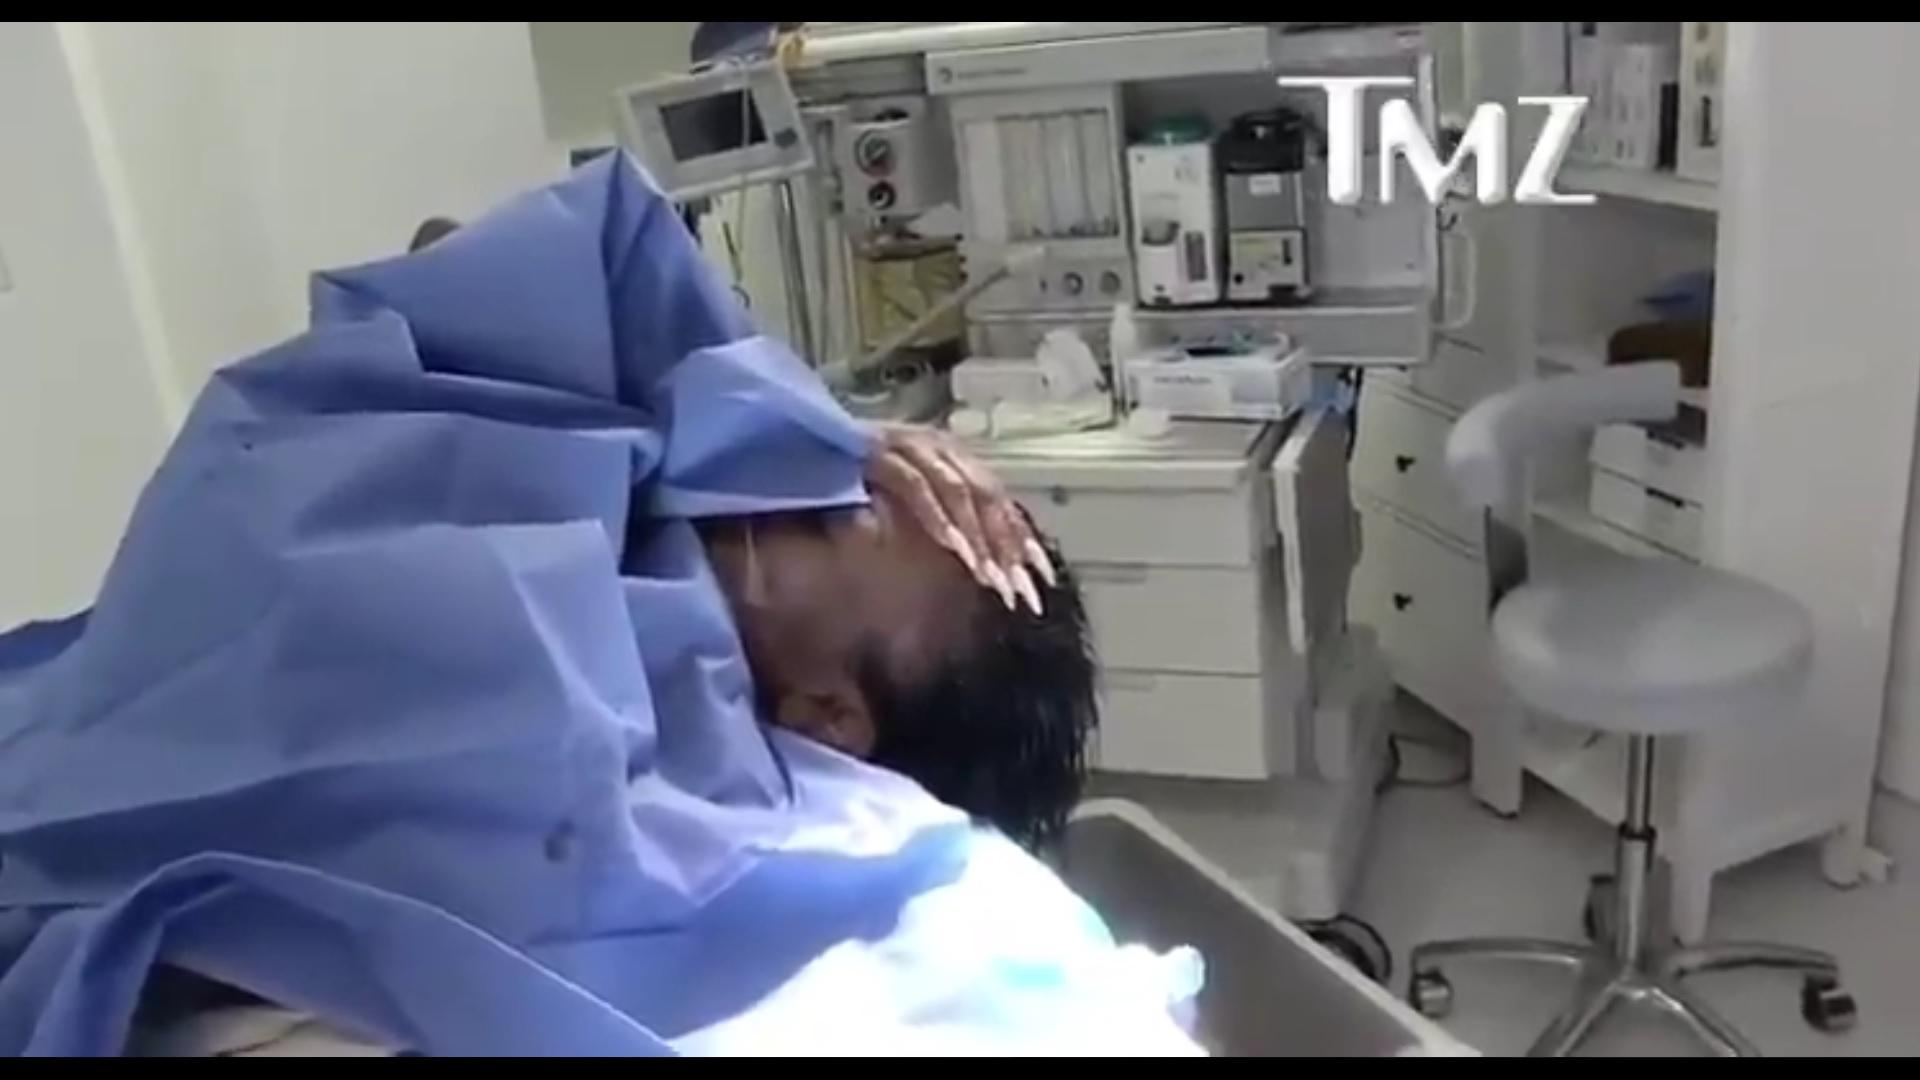 Négyórás beavatkozással sikerült eltávolítani a ragasztóburkot a tiktokker fejéről